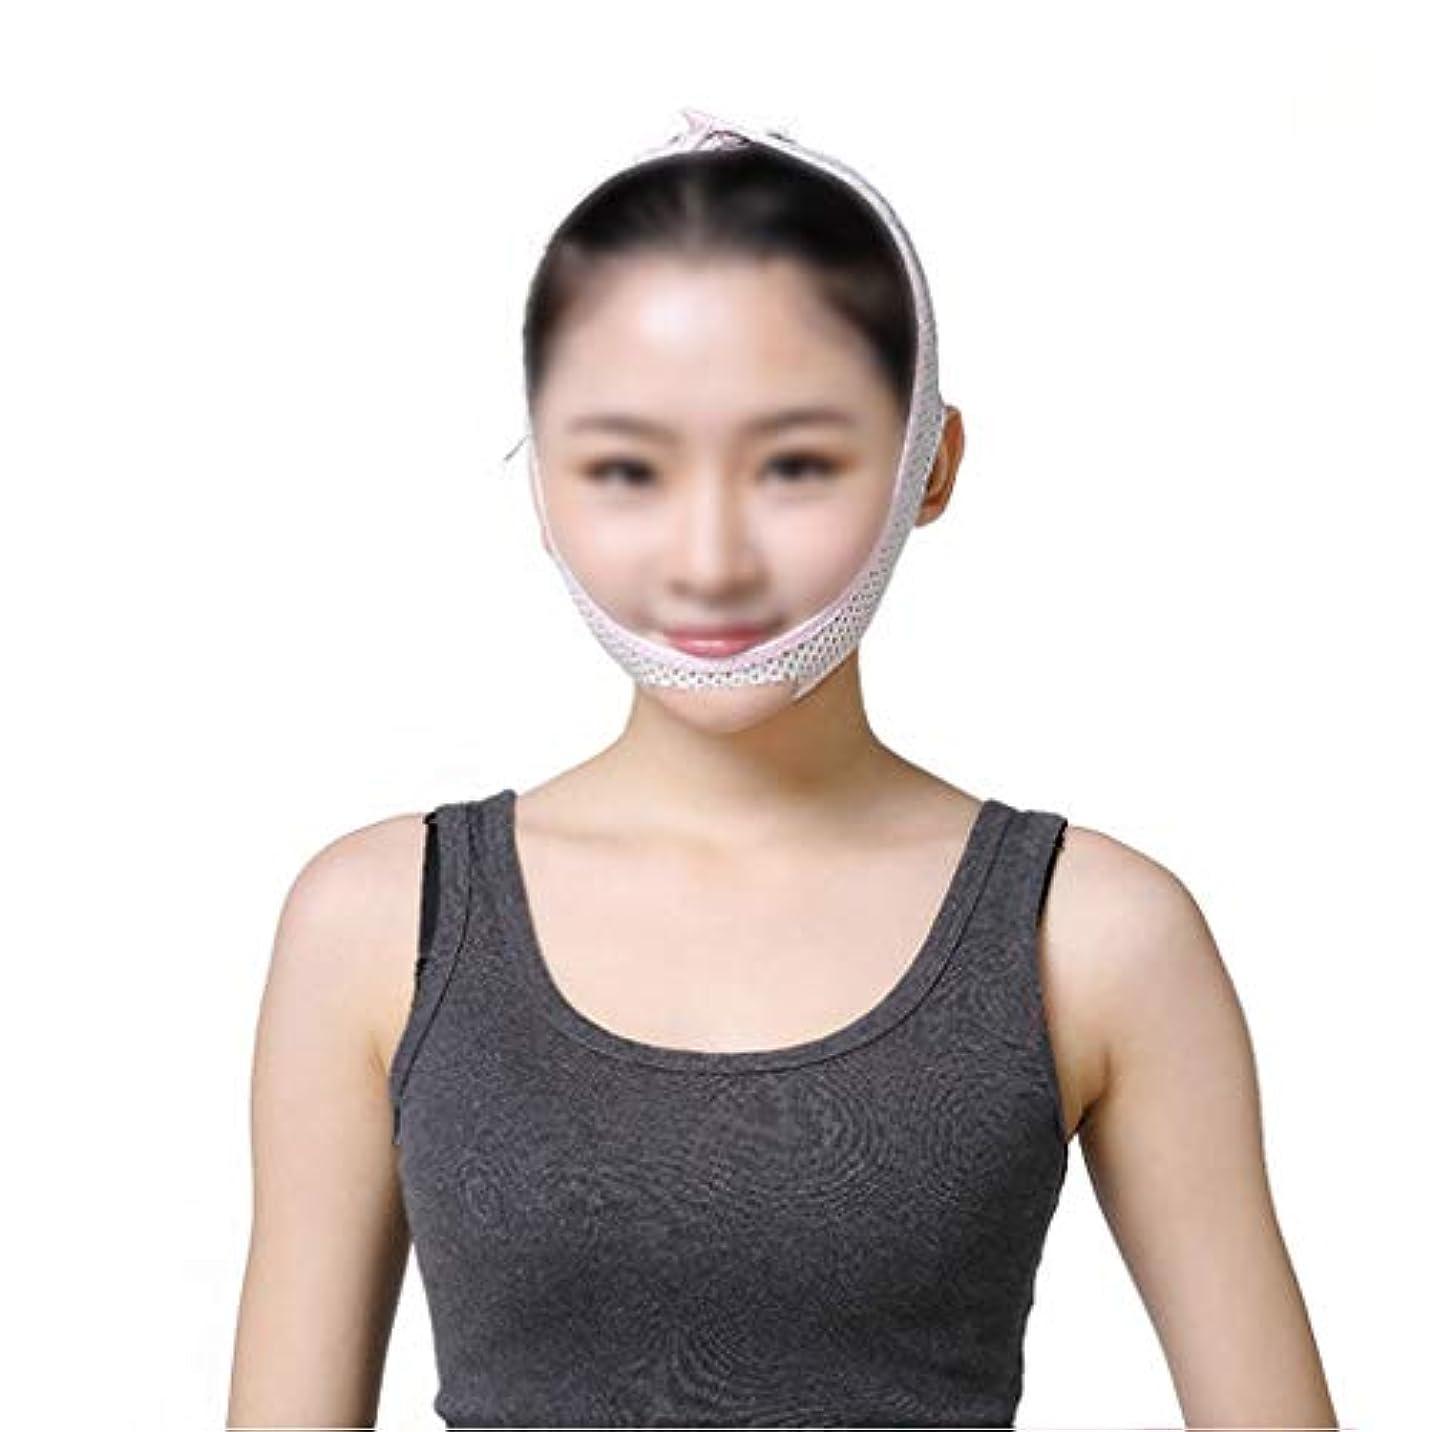 わずかな州第四GLJJQMY 薄い顔のマスク快適な 引き締め肌の引き締め睡眠薄い顔のアーティファクト抗しわ除去二重あご術後回復マスク 顔用整形マスク